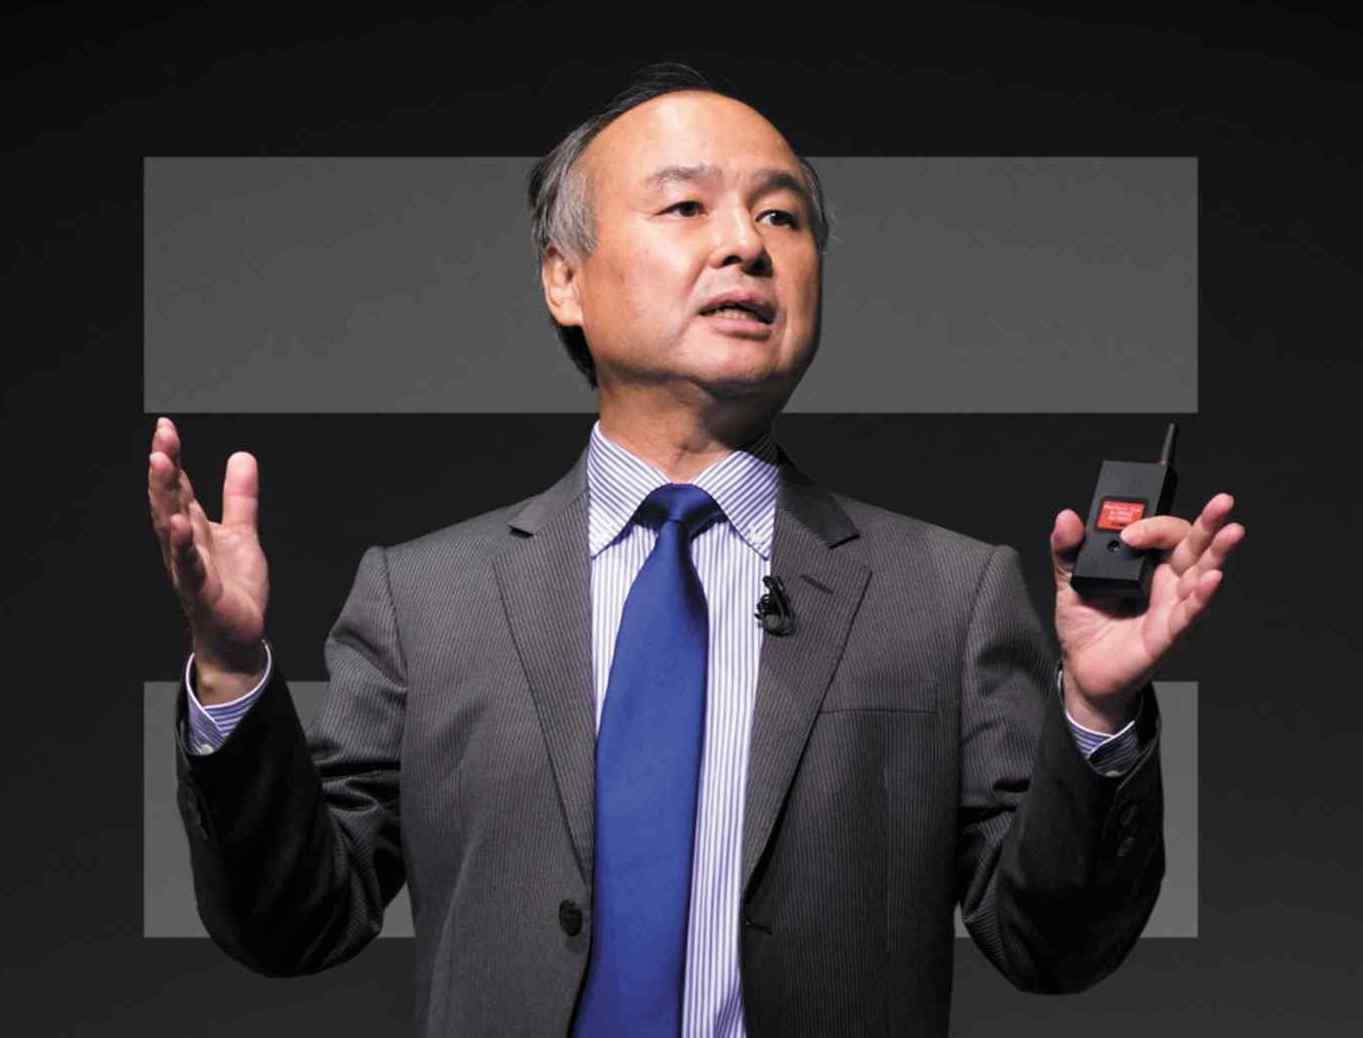 Masayoshi Son nói với Nikkei vào tháng 5: Đã có nhiều thất bại trong việc đầu tư, chẳng hạn như WeWork, Greensill và Katerra. Nhưng điều tôi hối tiếc hơn cả là những cơ hội đầu tư bị bỏ lỡ. © Nikkei dựng phim / Nguồn ảnh của Getty Images